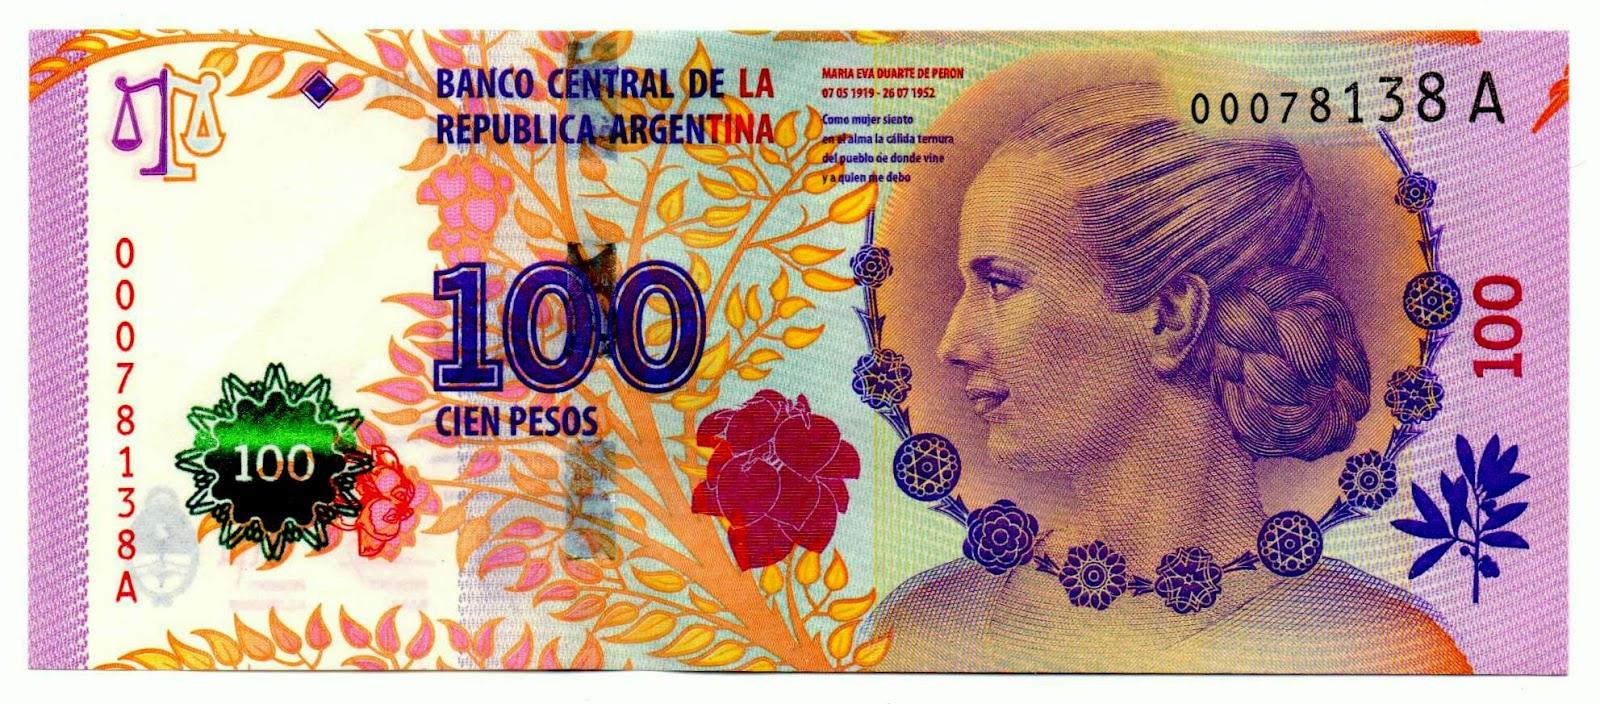 Banco de kristina - 3 part 10